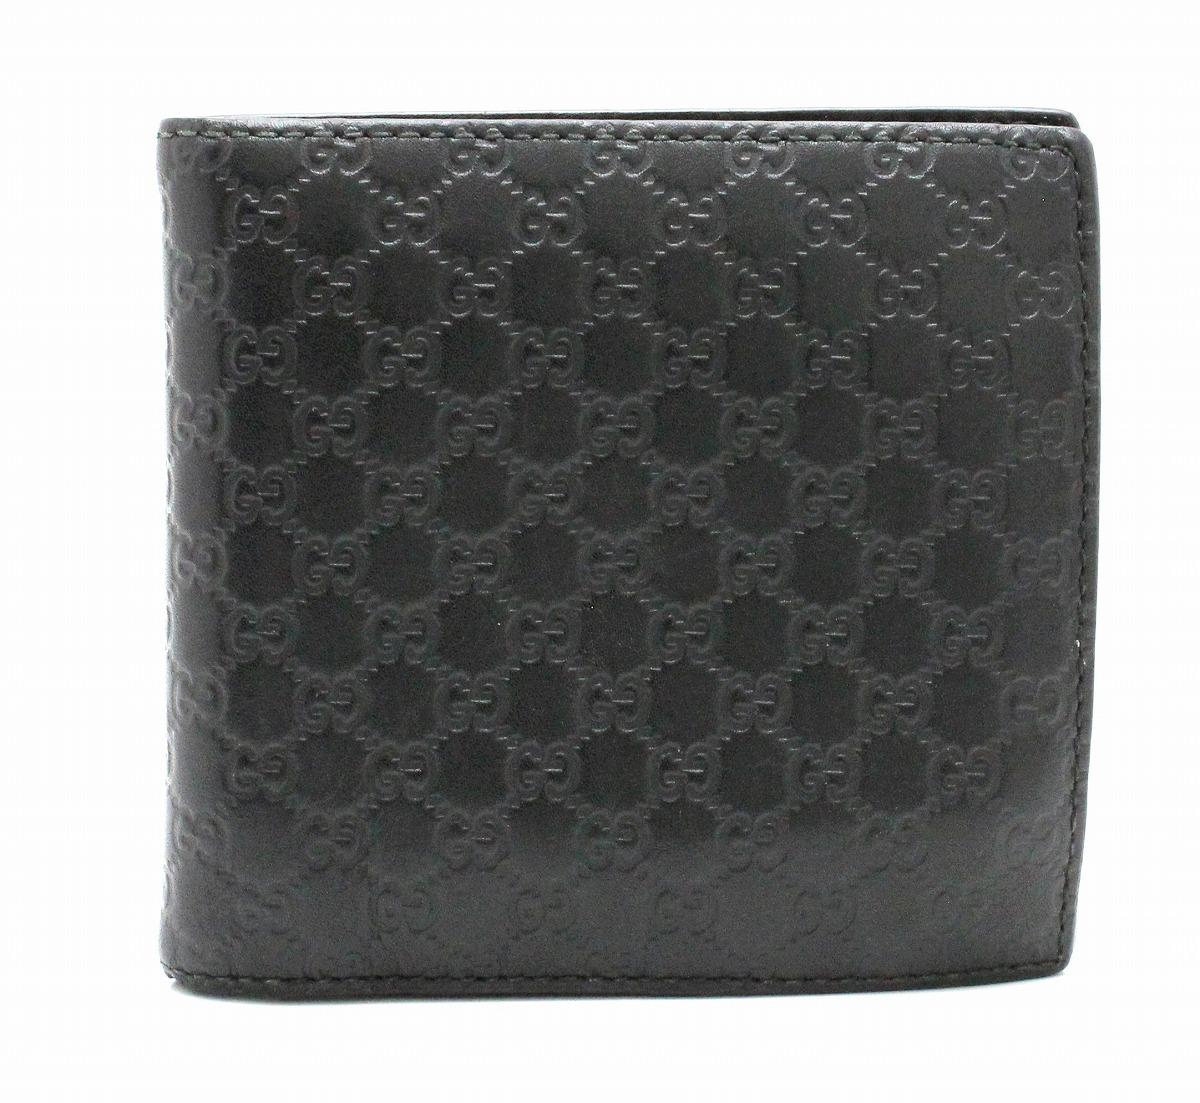 【財布】GUCCI グッチ マイクログッチシマ 2つ折り財布 レザー ブラック 黒 アウトレット品 150413 0416 【中古】【k】